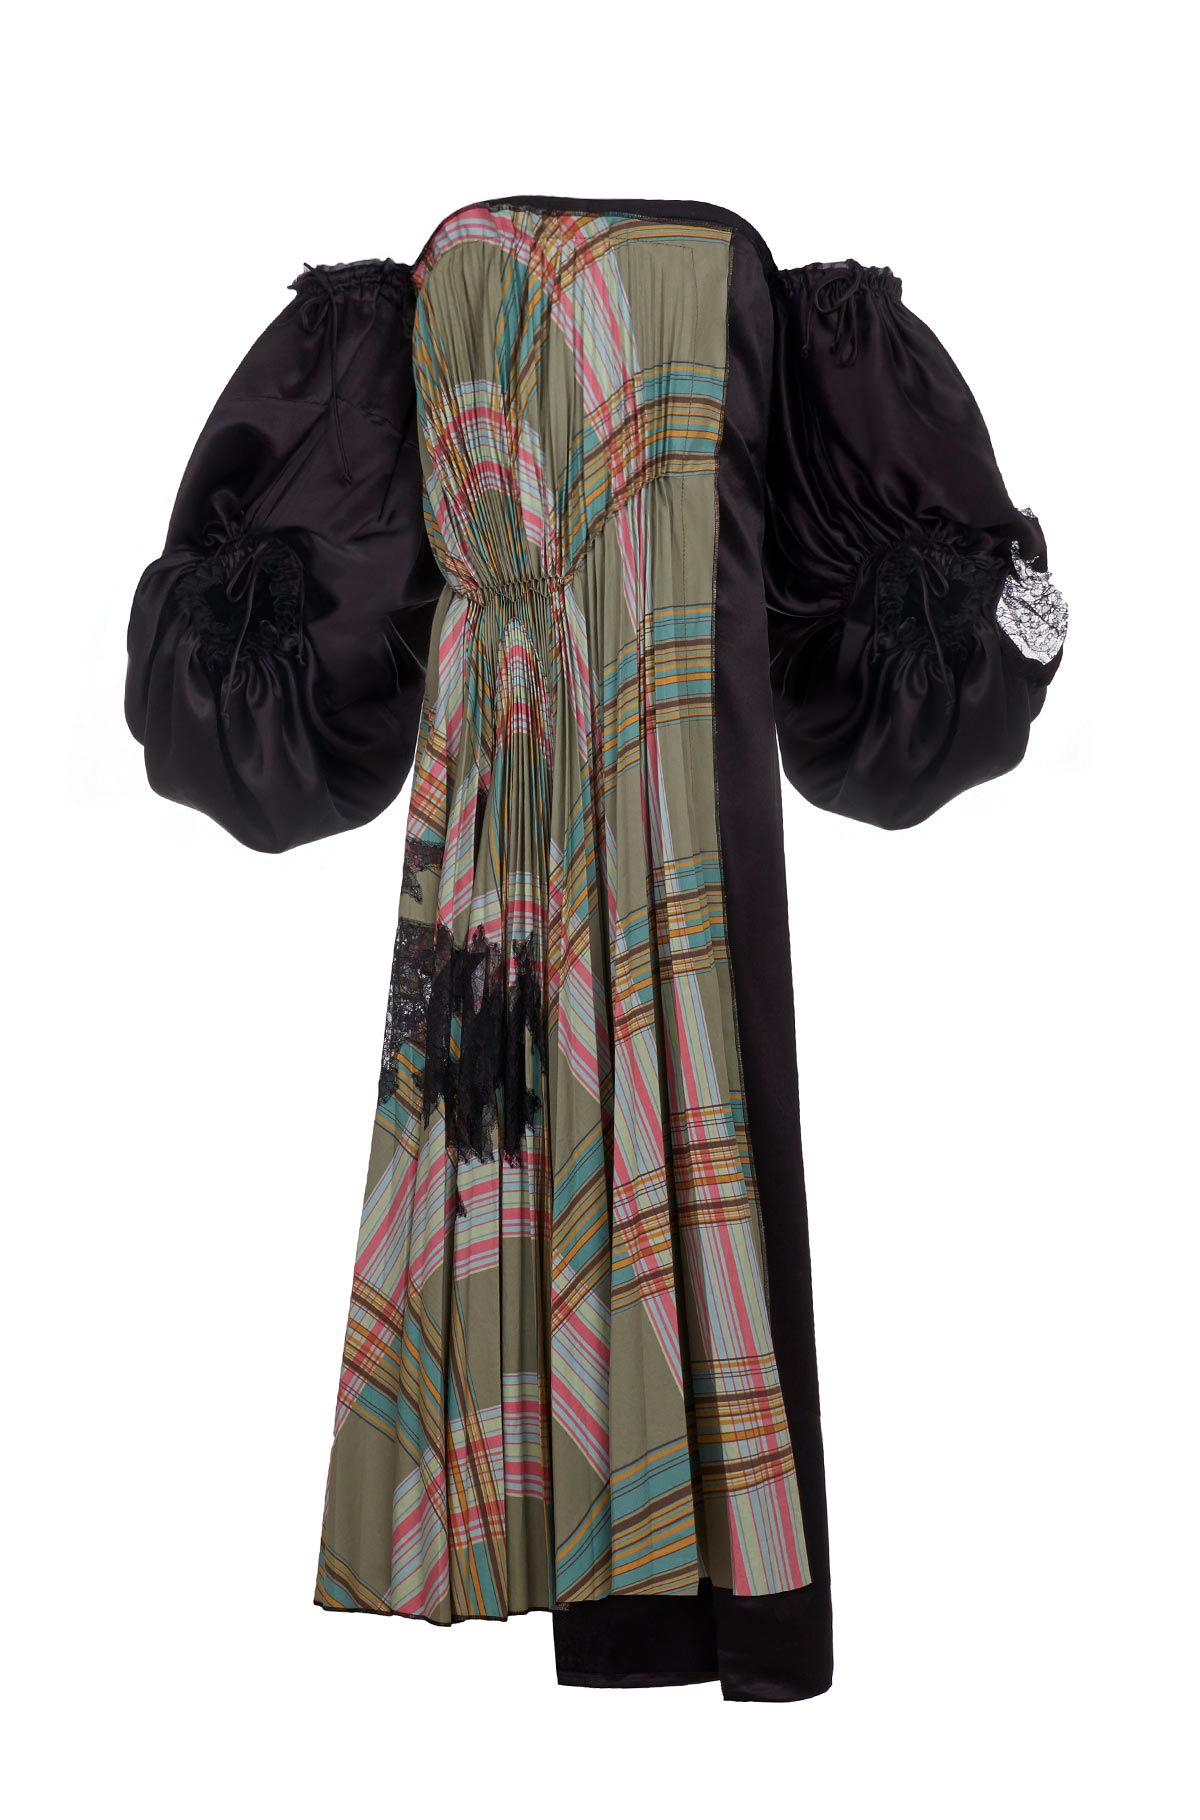 芸能人役柄:元No.2モデル、テレビのコメンテーターがセシルのもくろみで着用した衣装ジュエリー、ワンピース